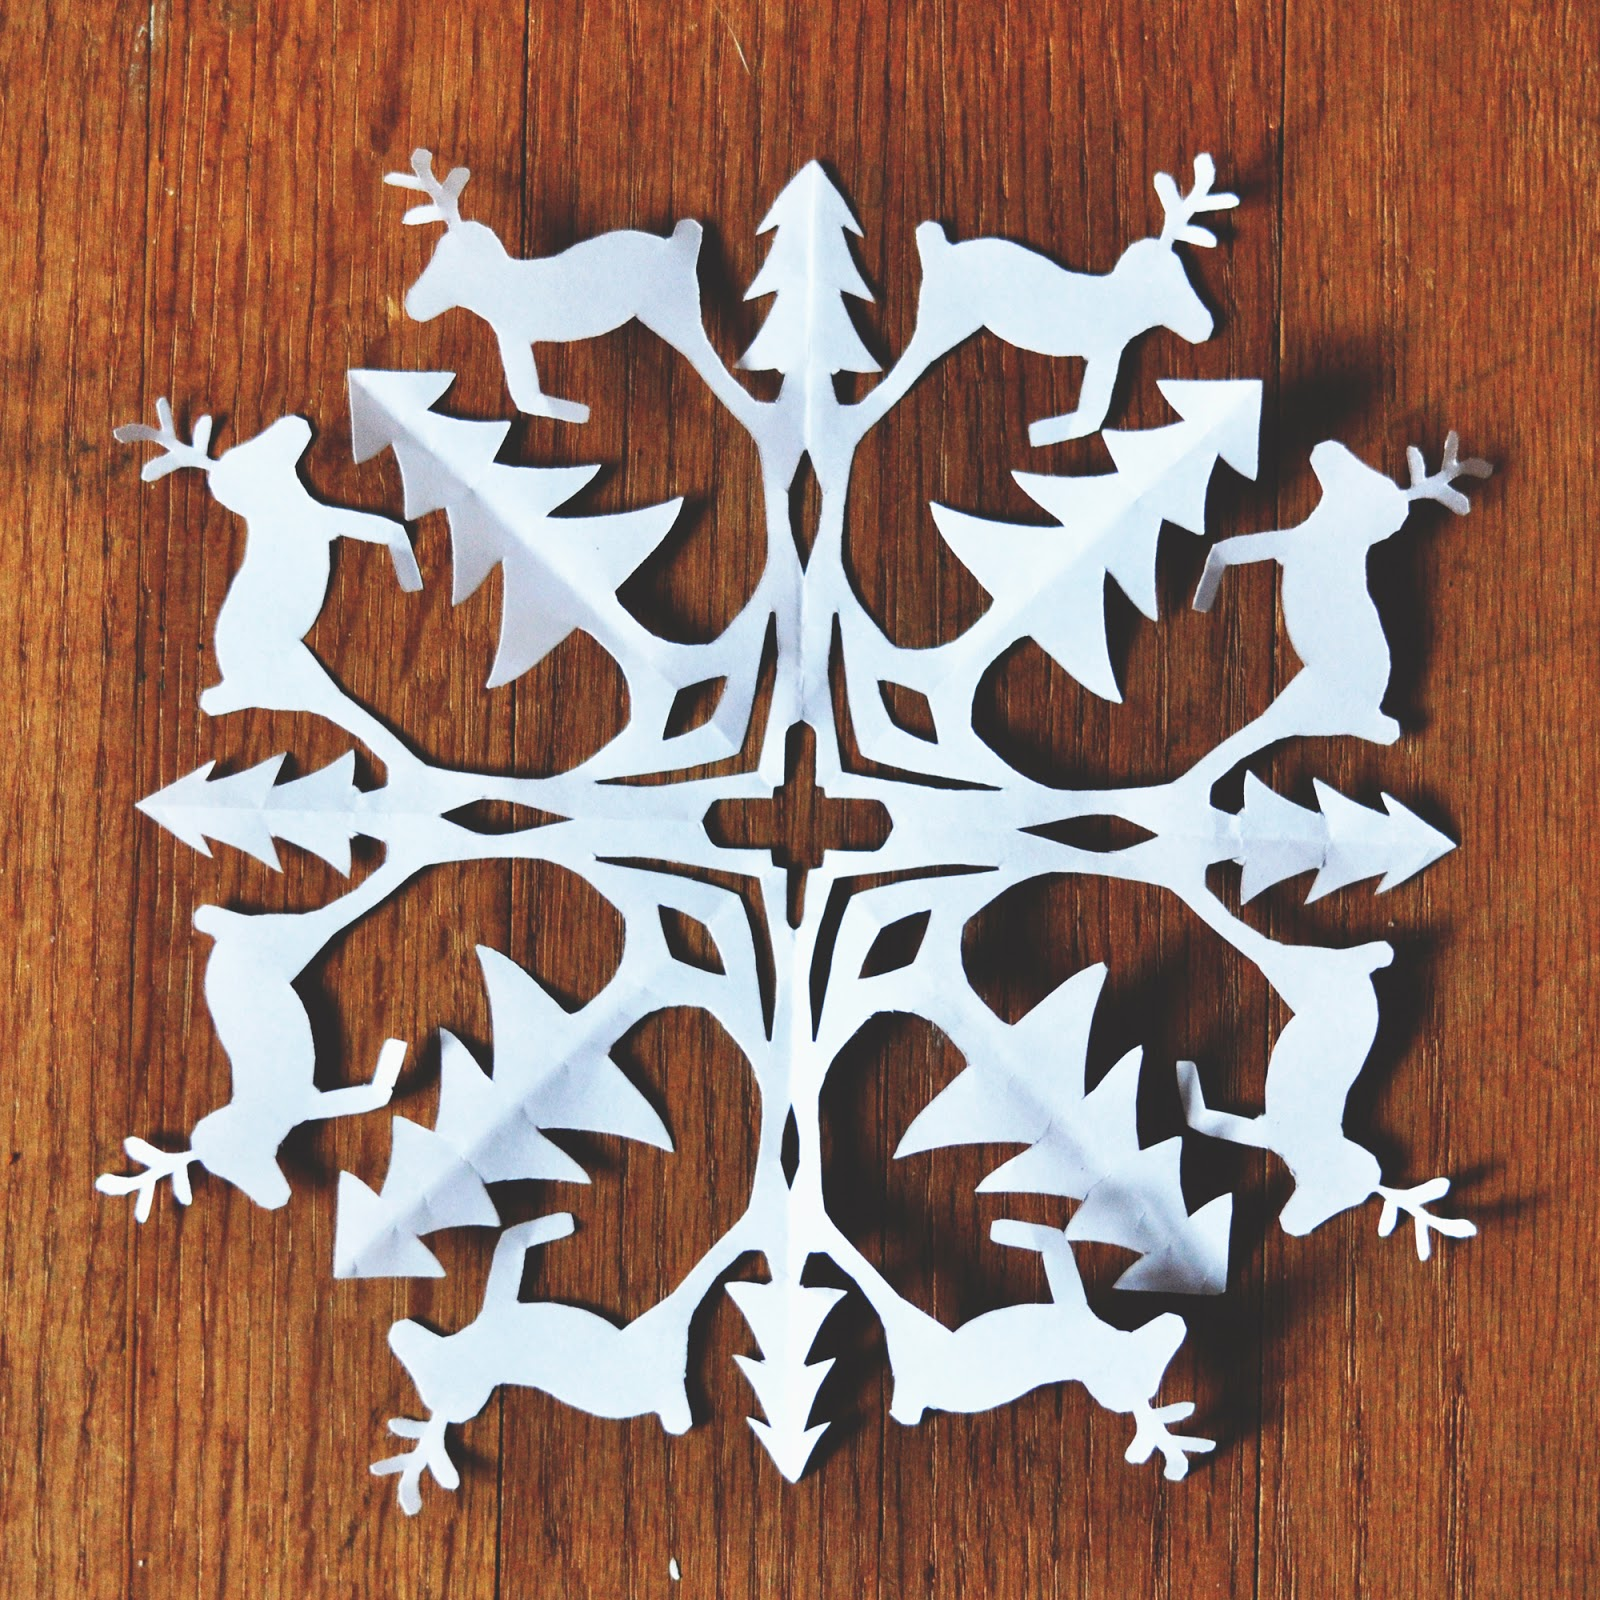 reindeer snowflake template  Zauberbear: Reindeer Snowflake Pattern